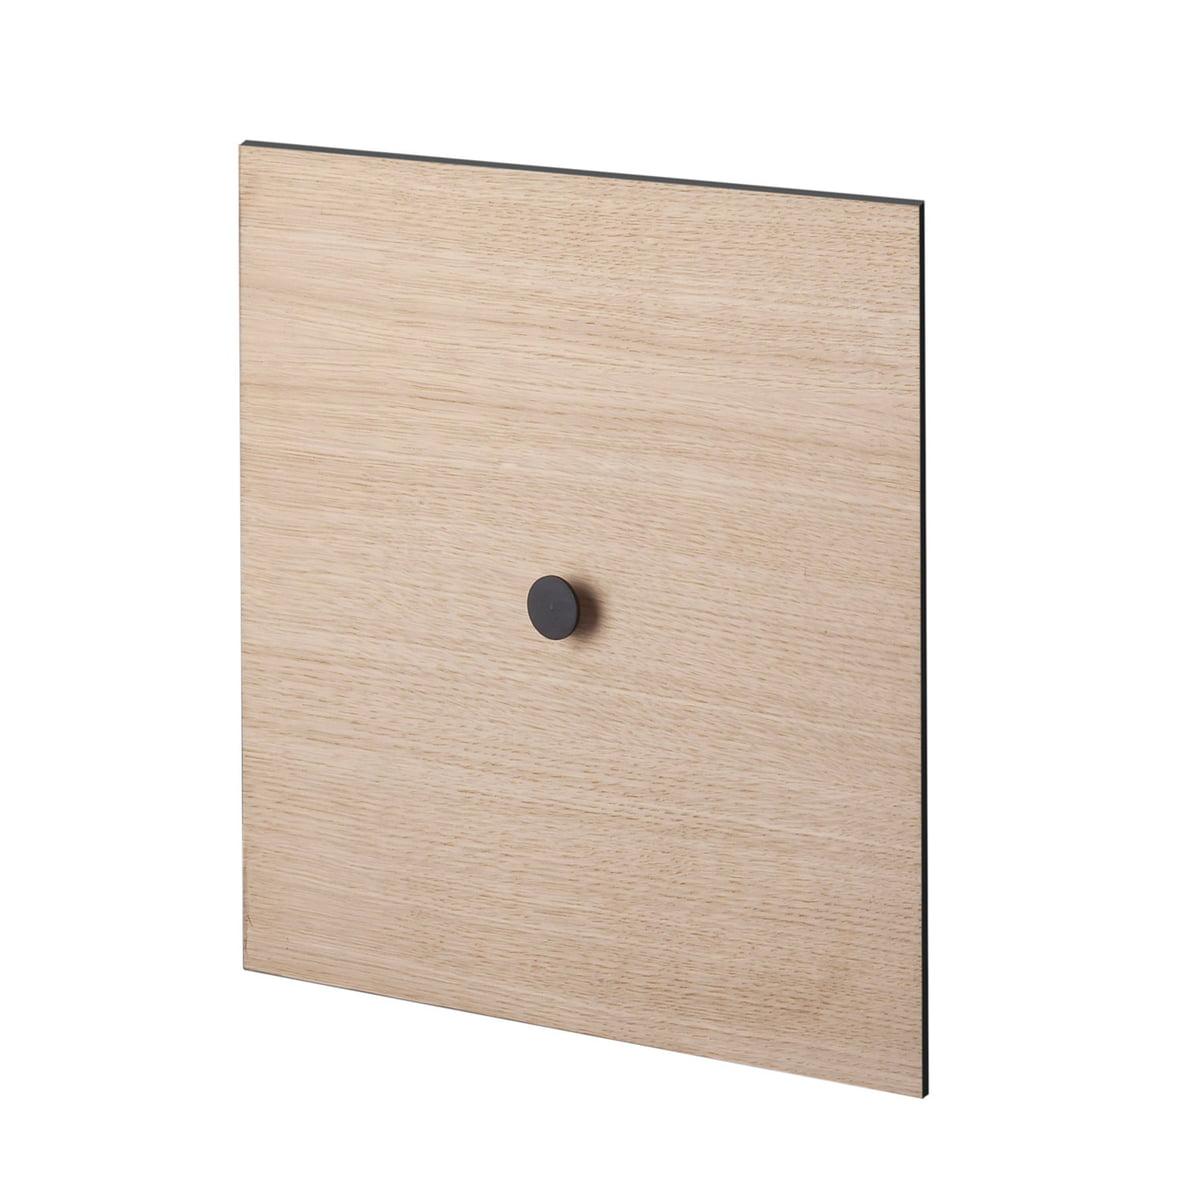 by Lassen - Tür zu dem Frame Wandschrank 35, Eiche | Wohnzimmer > Schränke > Weitere Schränke | Eichenholz | Mdf -  melamin -  eichenfurnier | by Lassen